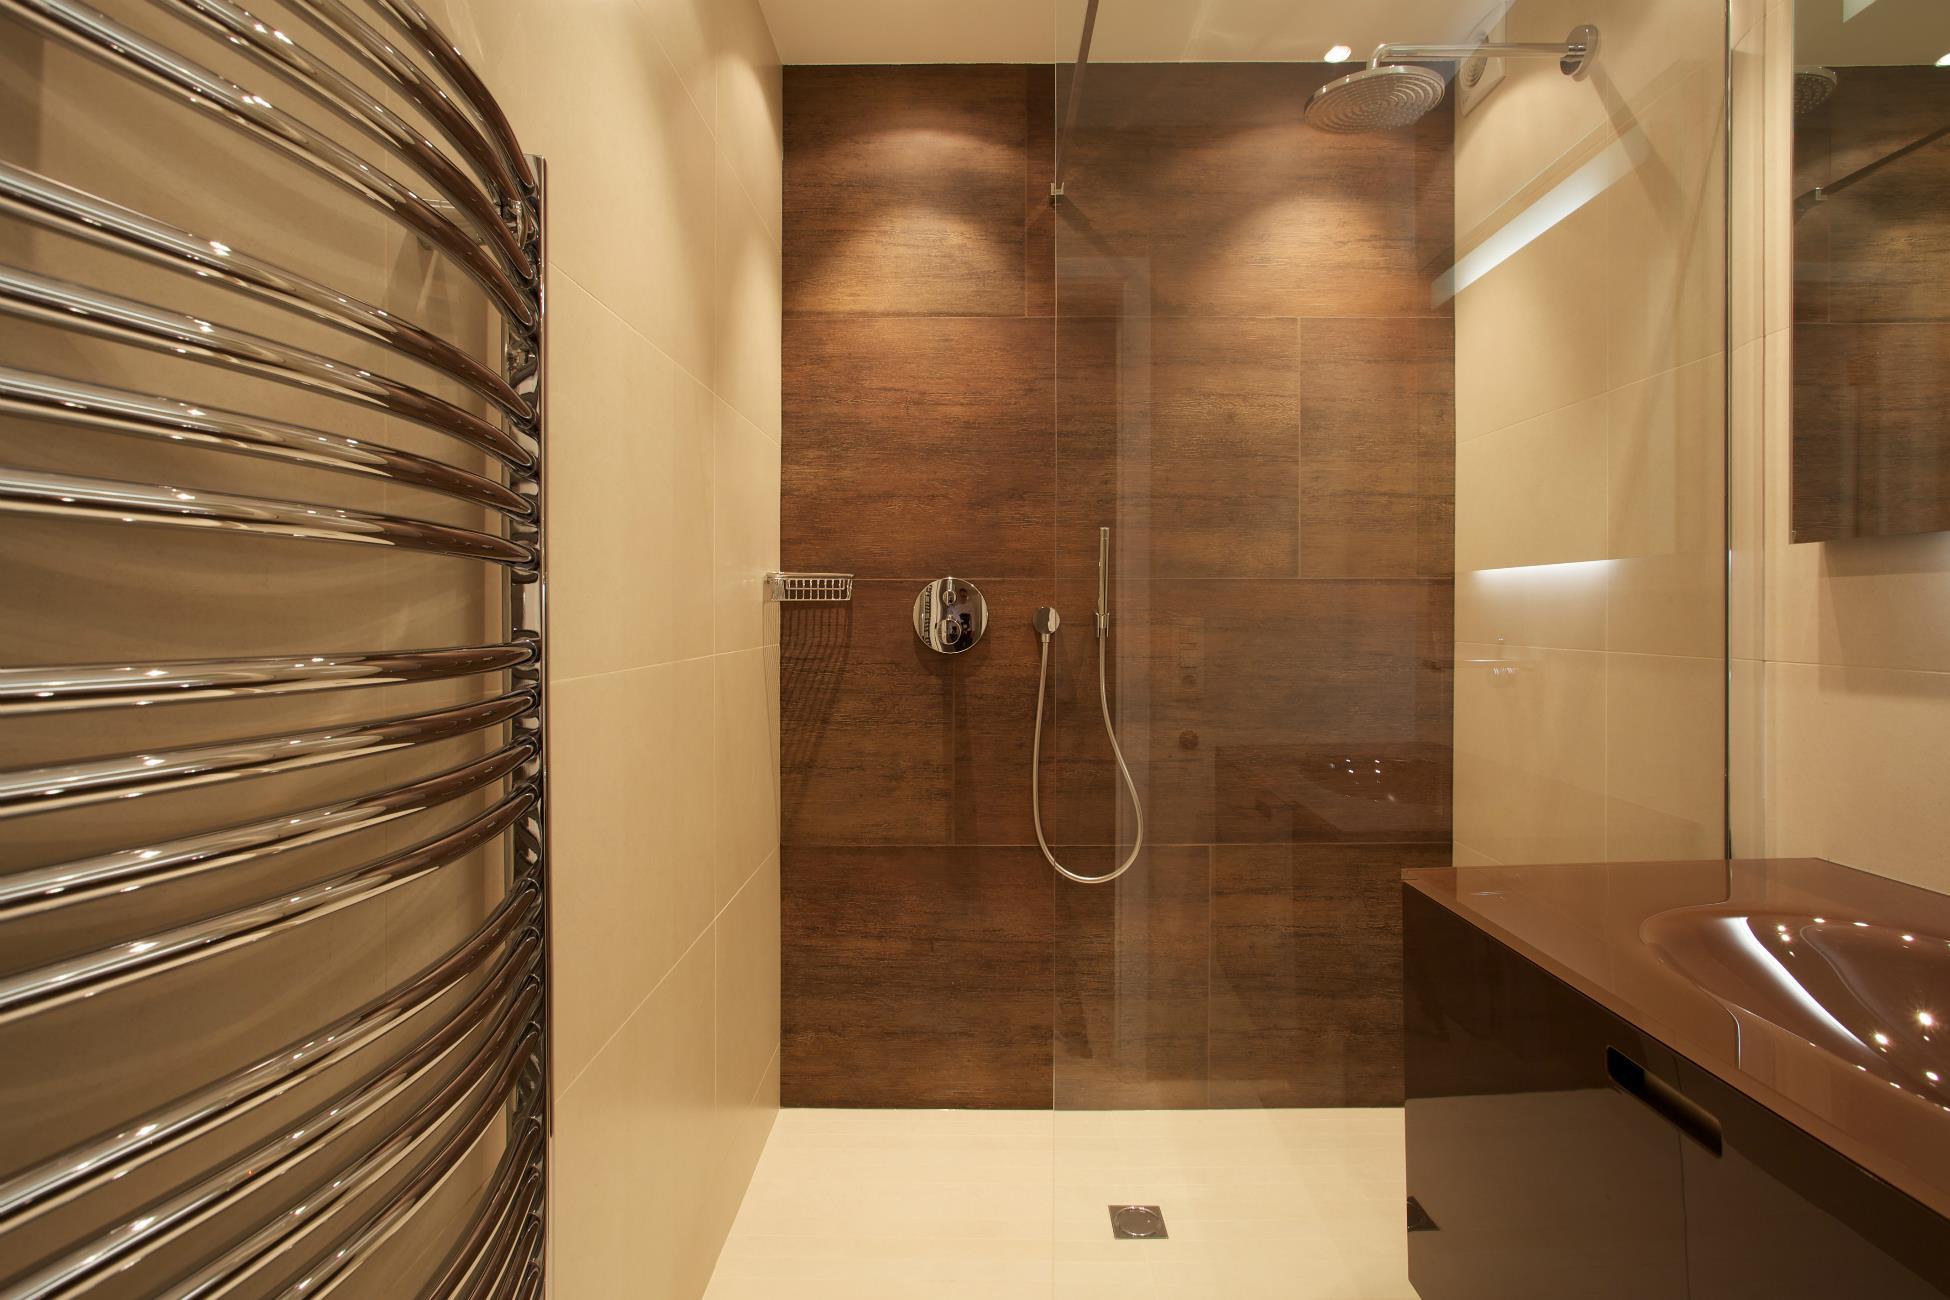 Salle de bain bruxelles avec douche a l\'italienne - réalisations